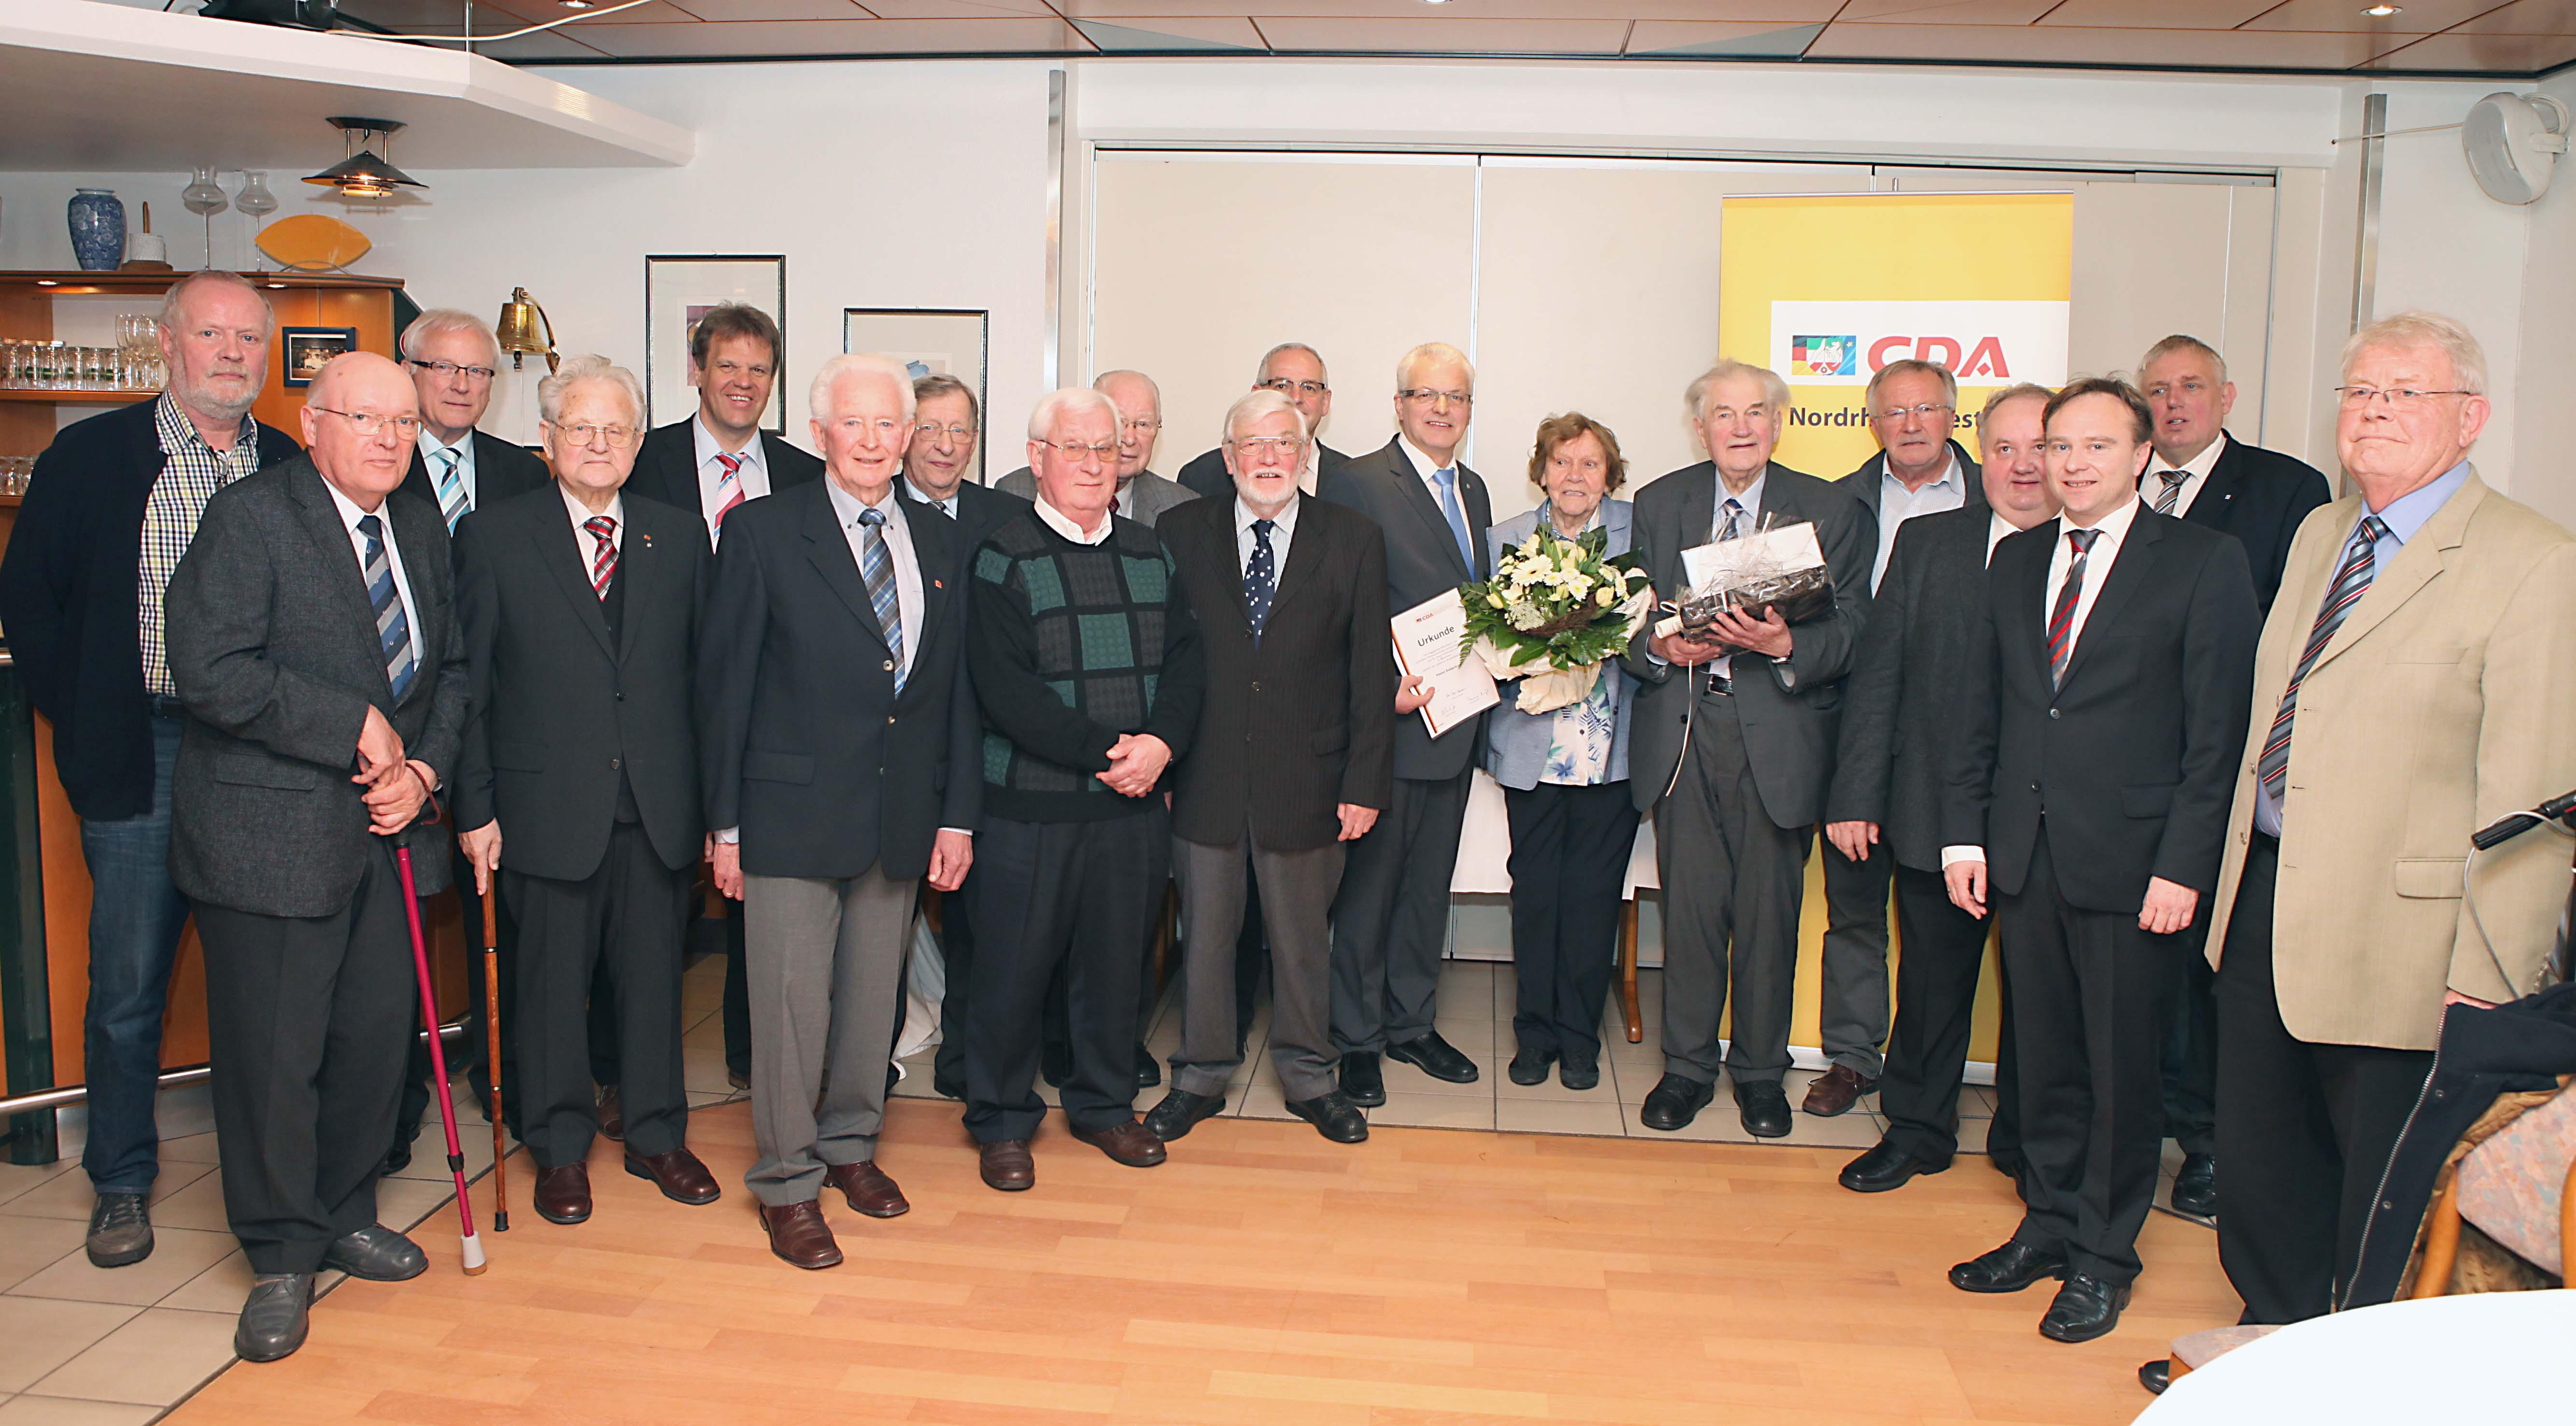 Bildzeile: Zahlreiche CDA-Mitglieder wurden am Sonntag in Südlohn für 40-, 50-, und 60-jährige Mitgliedschaft geehrt. Mit im Bild CDA-Kreisvorsitzender Thomas Buss (5.v.l.), Landrat Dr. Kai Zwicker (3.v.r.) und Karl-Josef Laumann